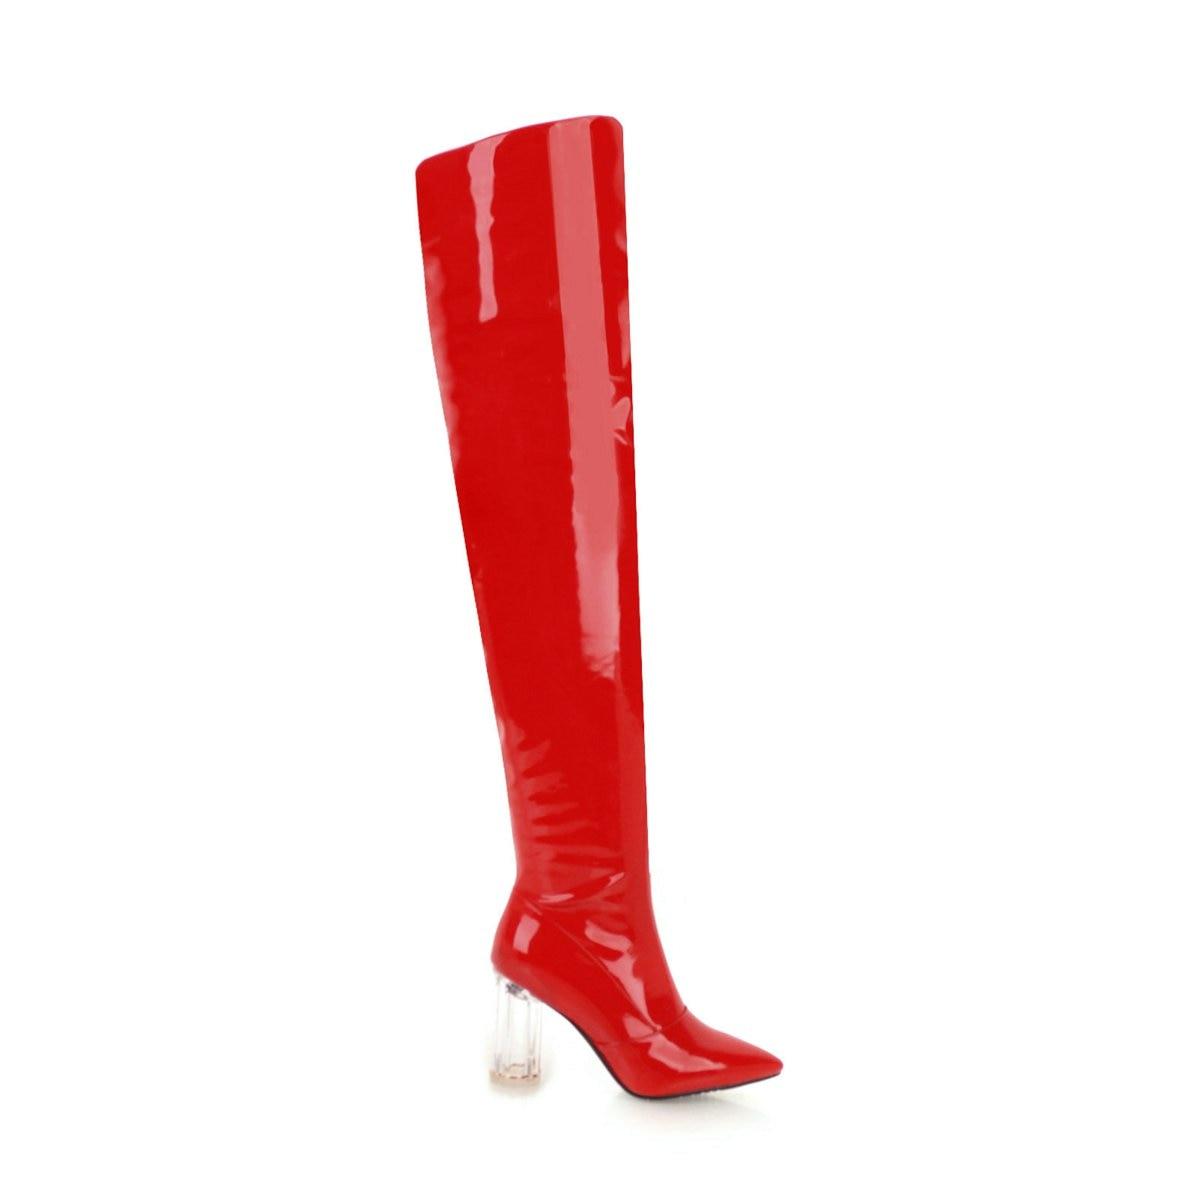 Hiver Sur De Bottes Cuisse argent Bout Noir Pointu En Épais Automne Sexy Tirette Talon Haut Le Femmes Genou Dames rouge Cuir Mode Verni blanc v0UFWqP